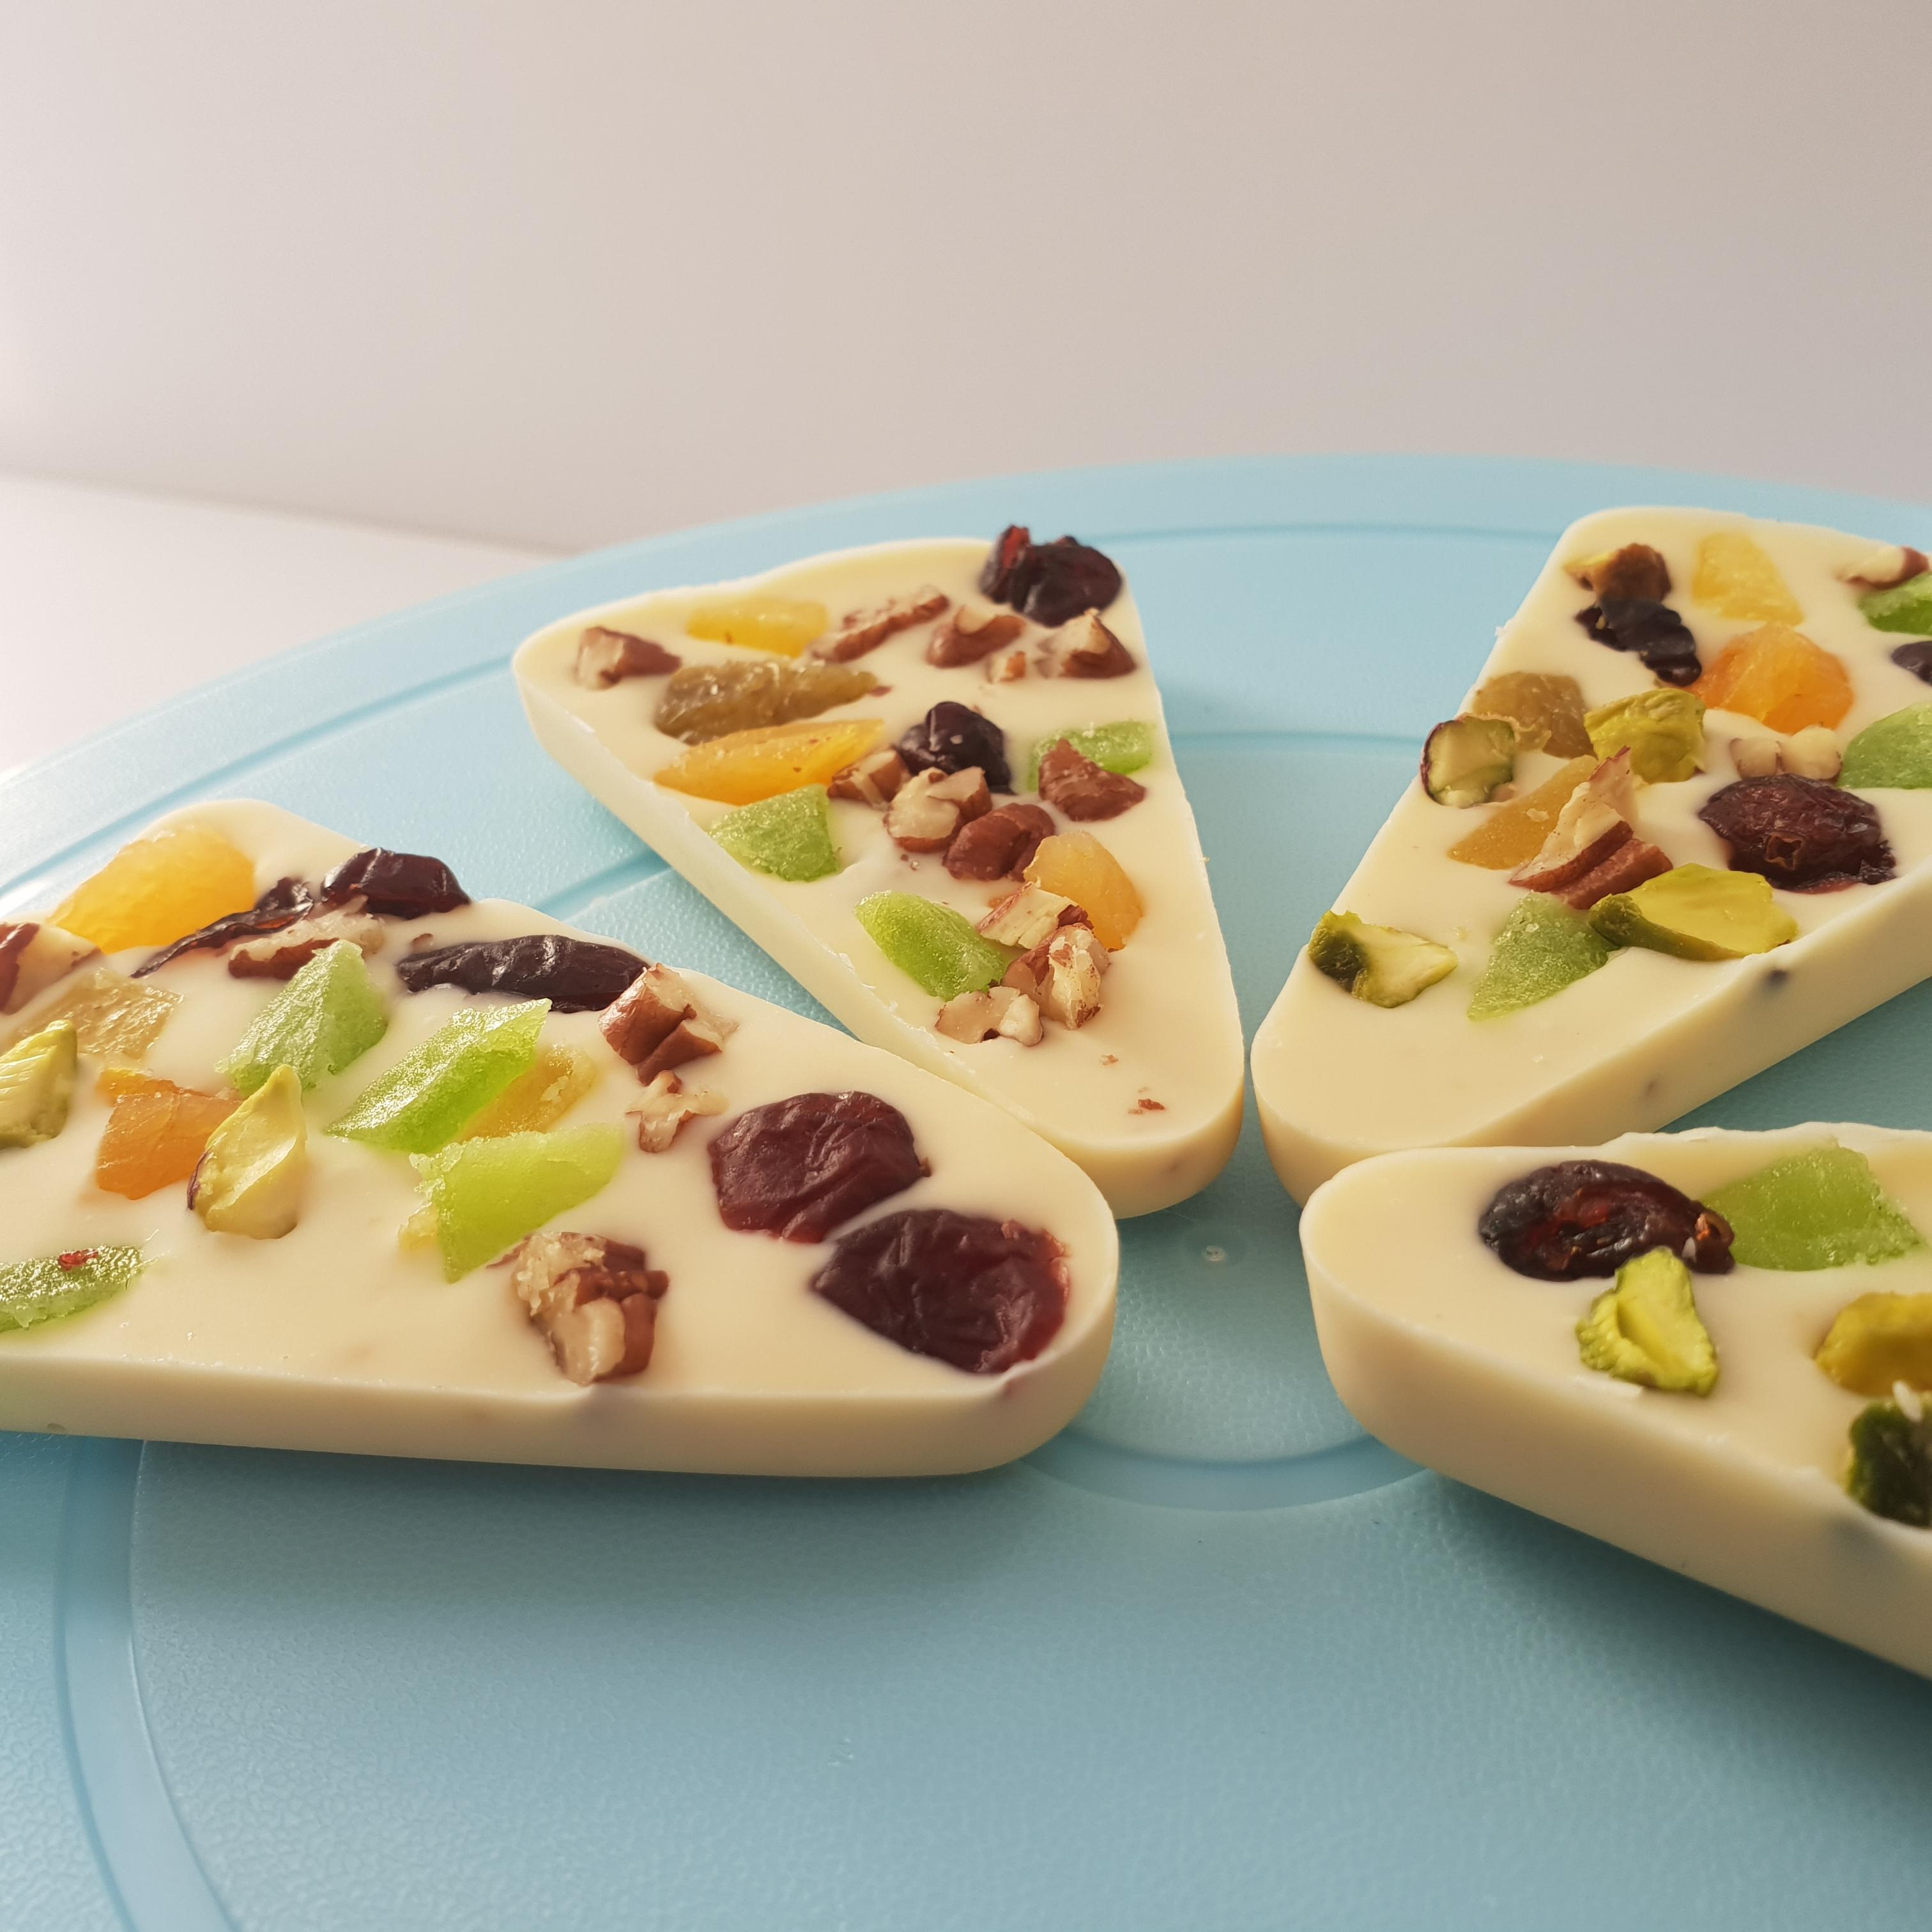 שיפודי פירות יבשים (צילום: Giftt.Net)